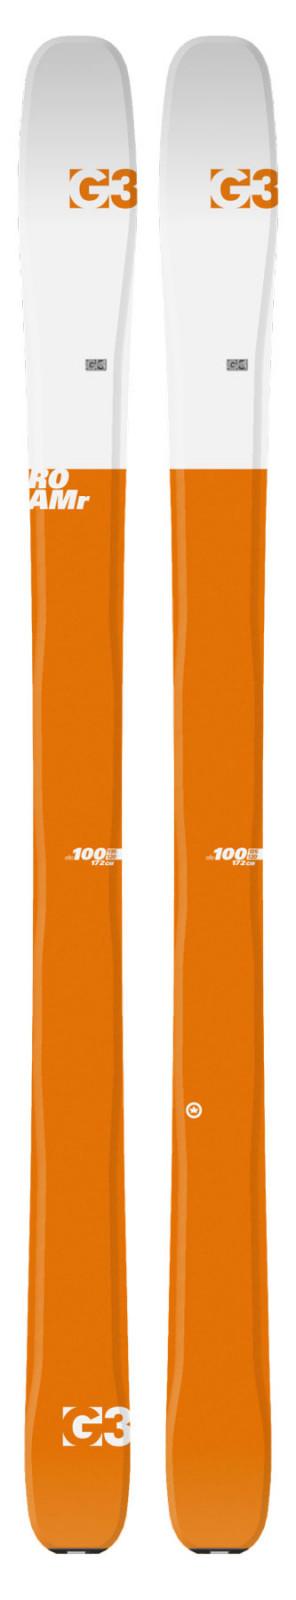 G3 ROAMr 100 Elle